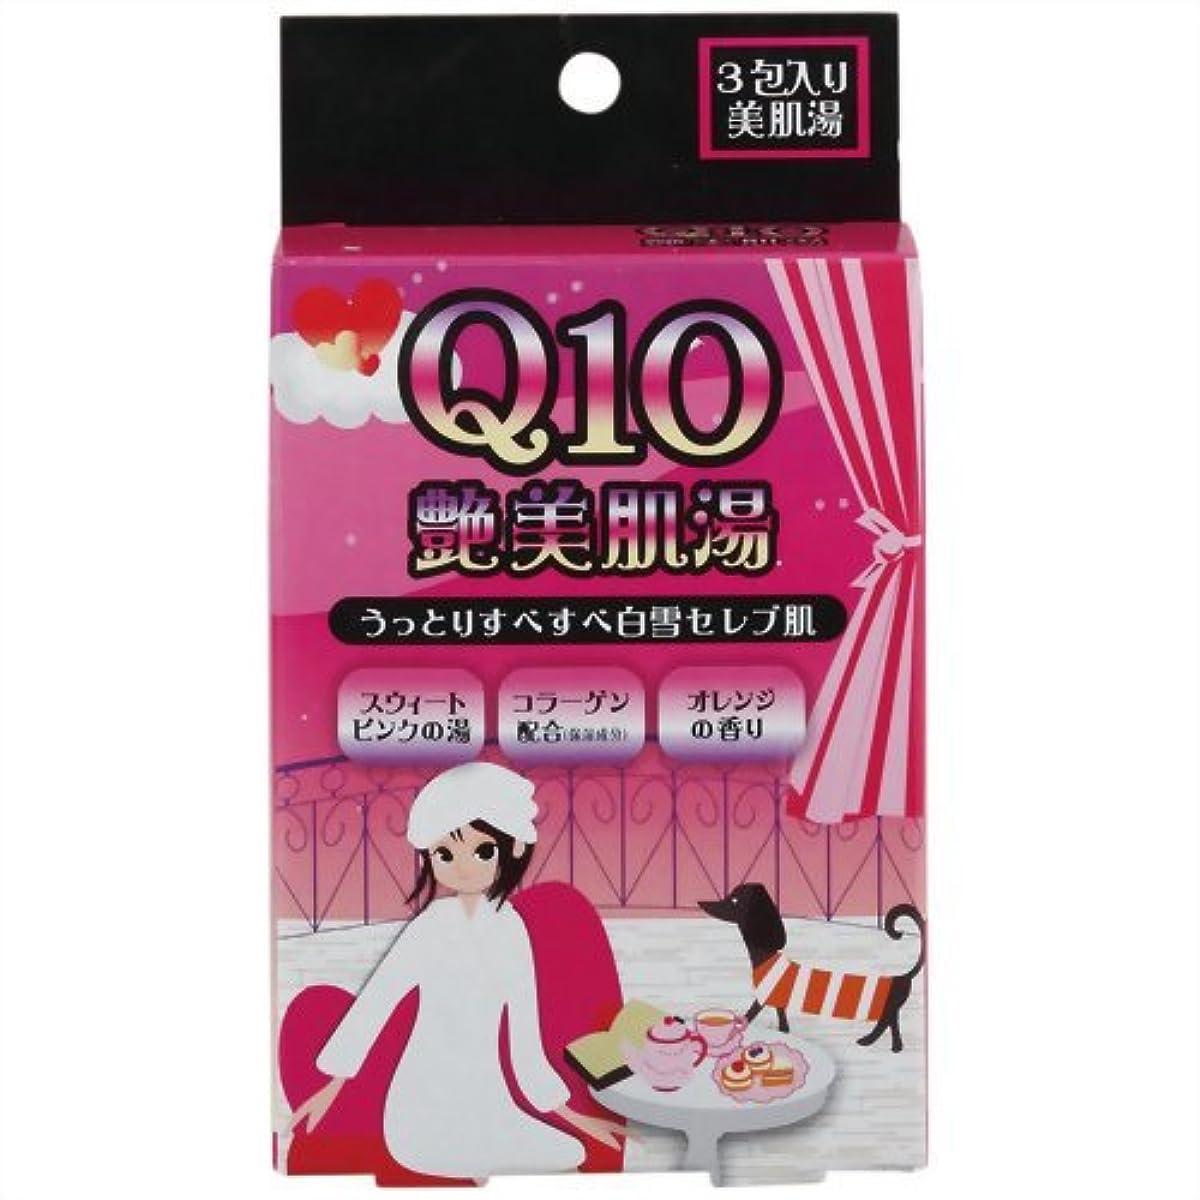 汚れた是正するつぶやき紀陽除虫菊 Q10 艶美肌湯 (オレンジの香り)【まとめ買い10個セット】 N-8370